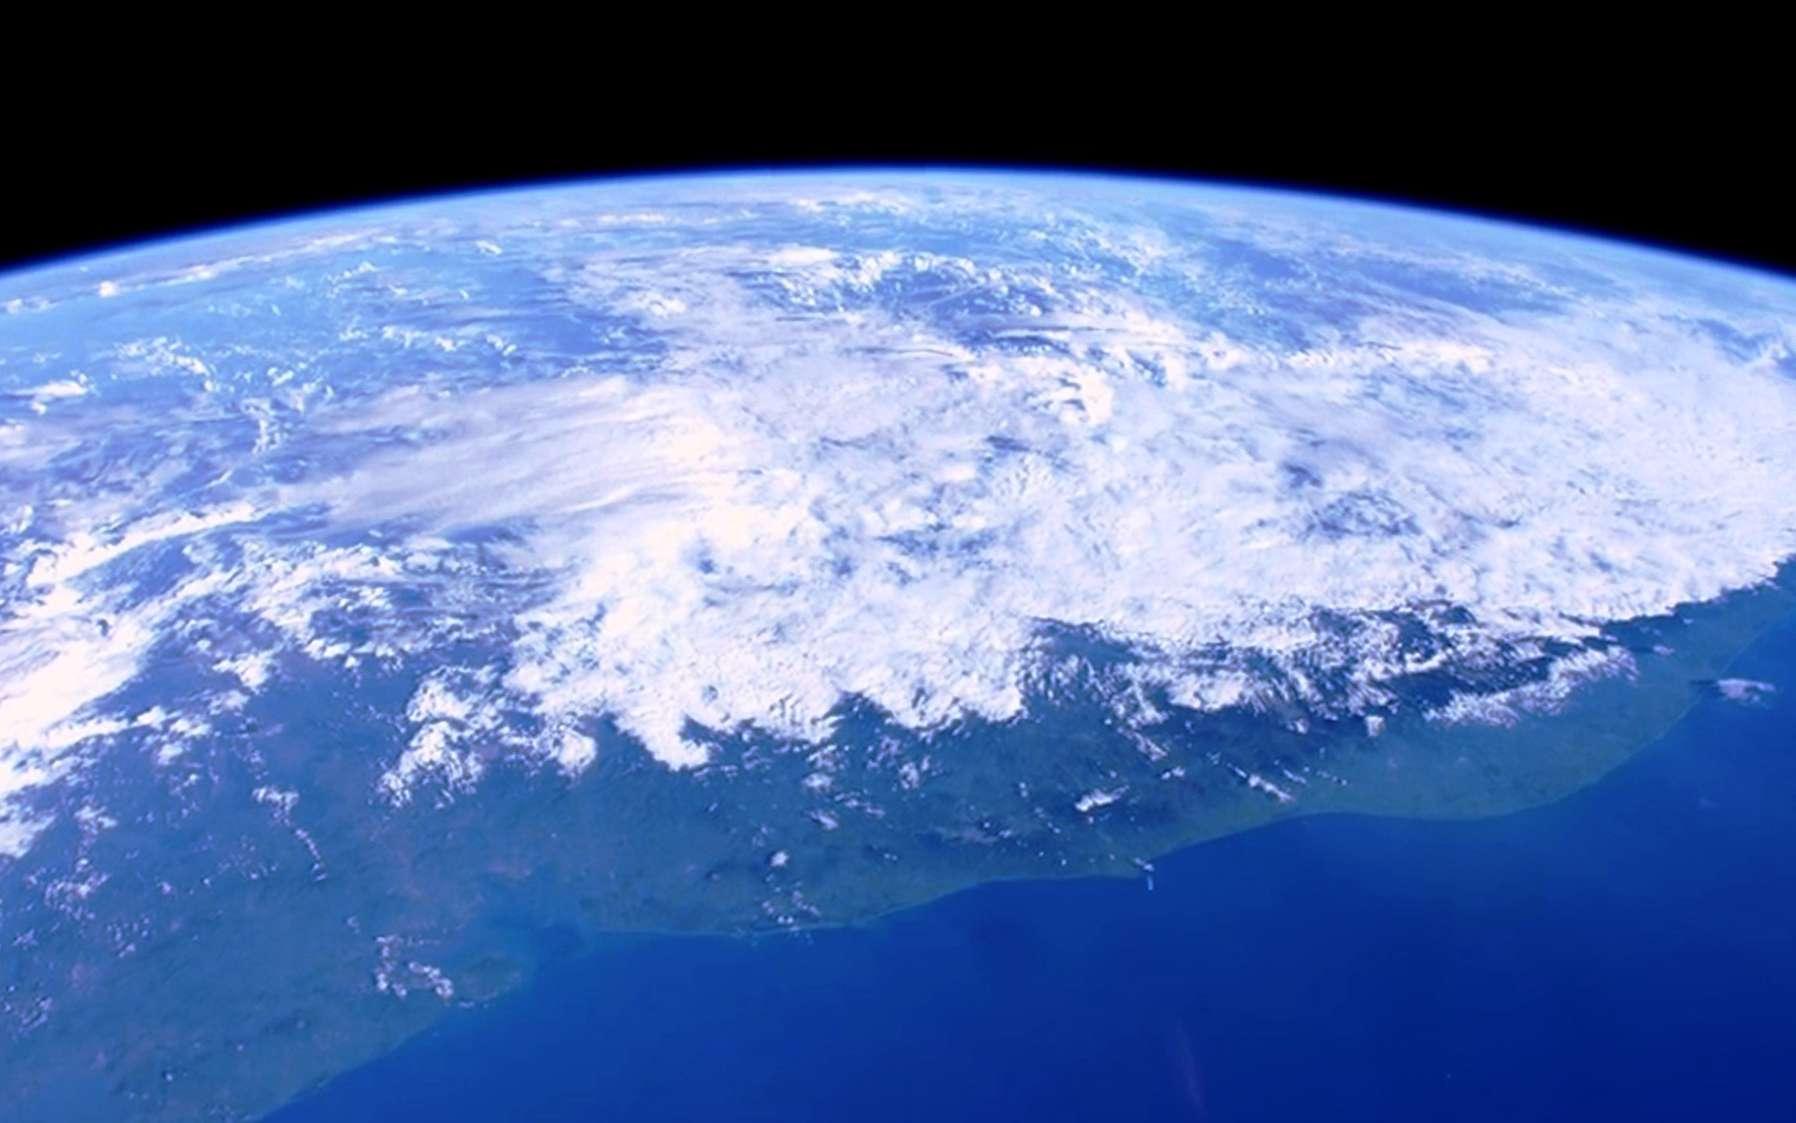 La stratosphère correspond à la deuxième couche de l'atmosphère terrestre. Elle est située entre une dizaine (8 à 15) et une cinquantaine de kilomètres d'altitude, c'est-à-dire entre la troposphère, juste en dessous d'elle, et la mésosphère, qui la chevauche. La stratosphère joue un rôle majeur dans les températures à la surface de la Terre. © Nasa